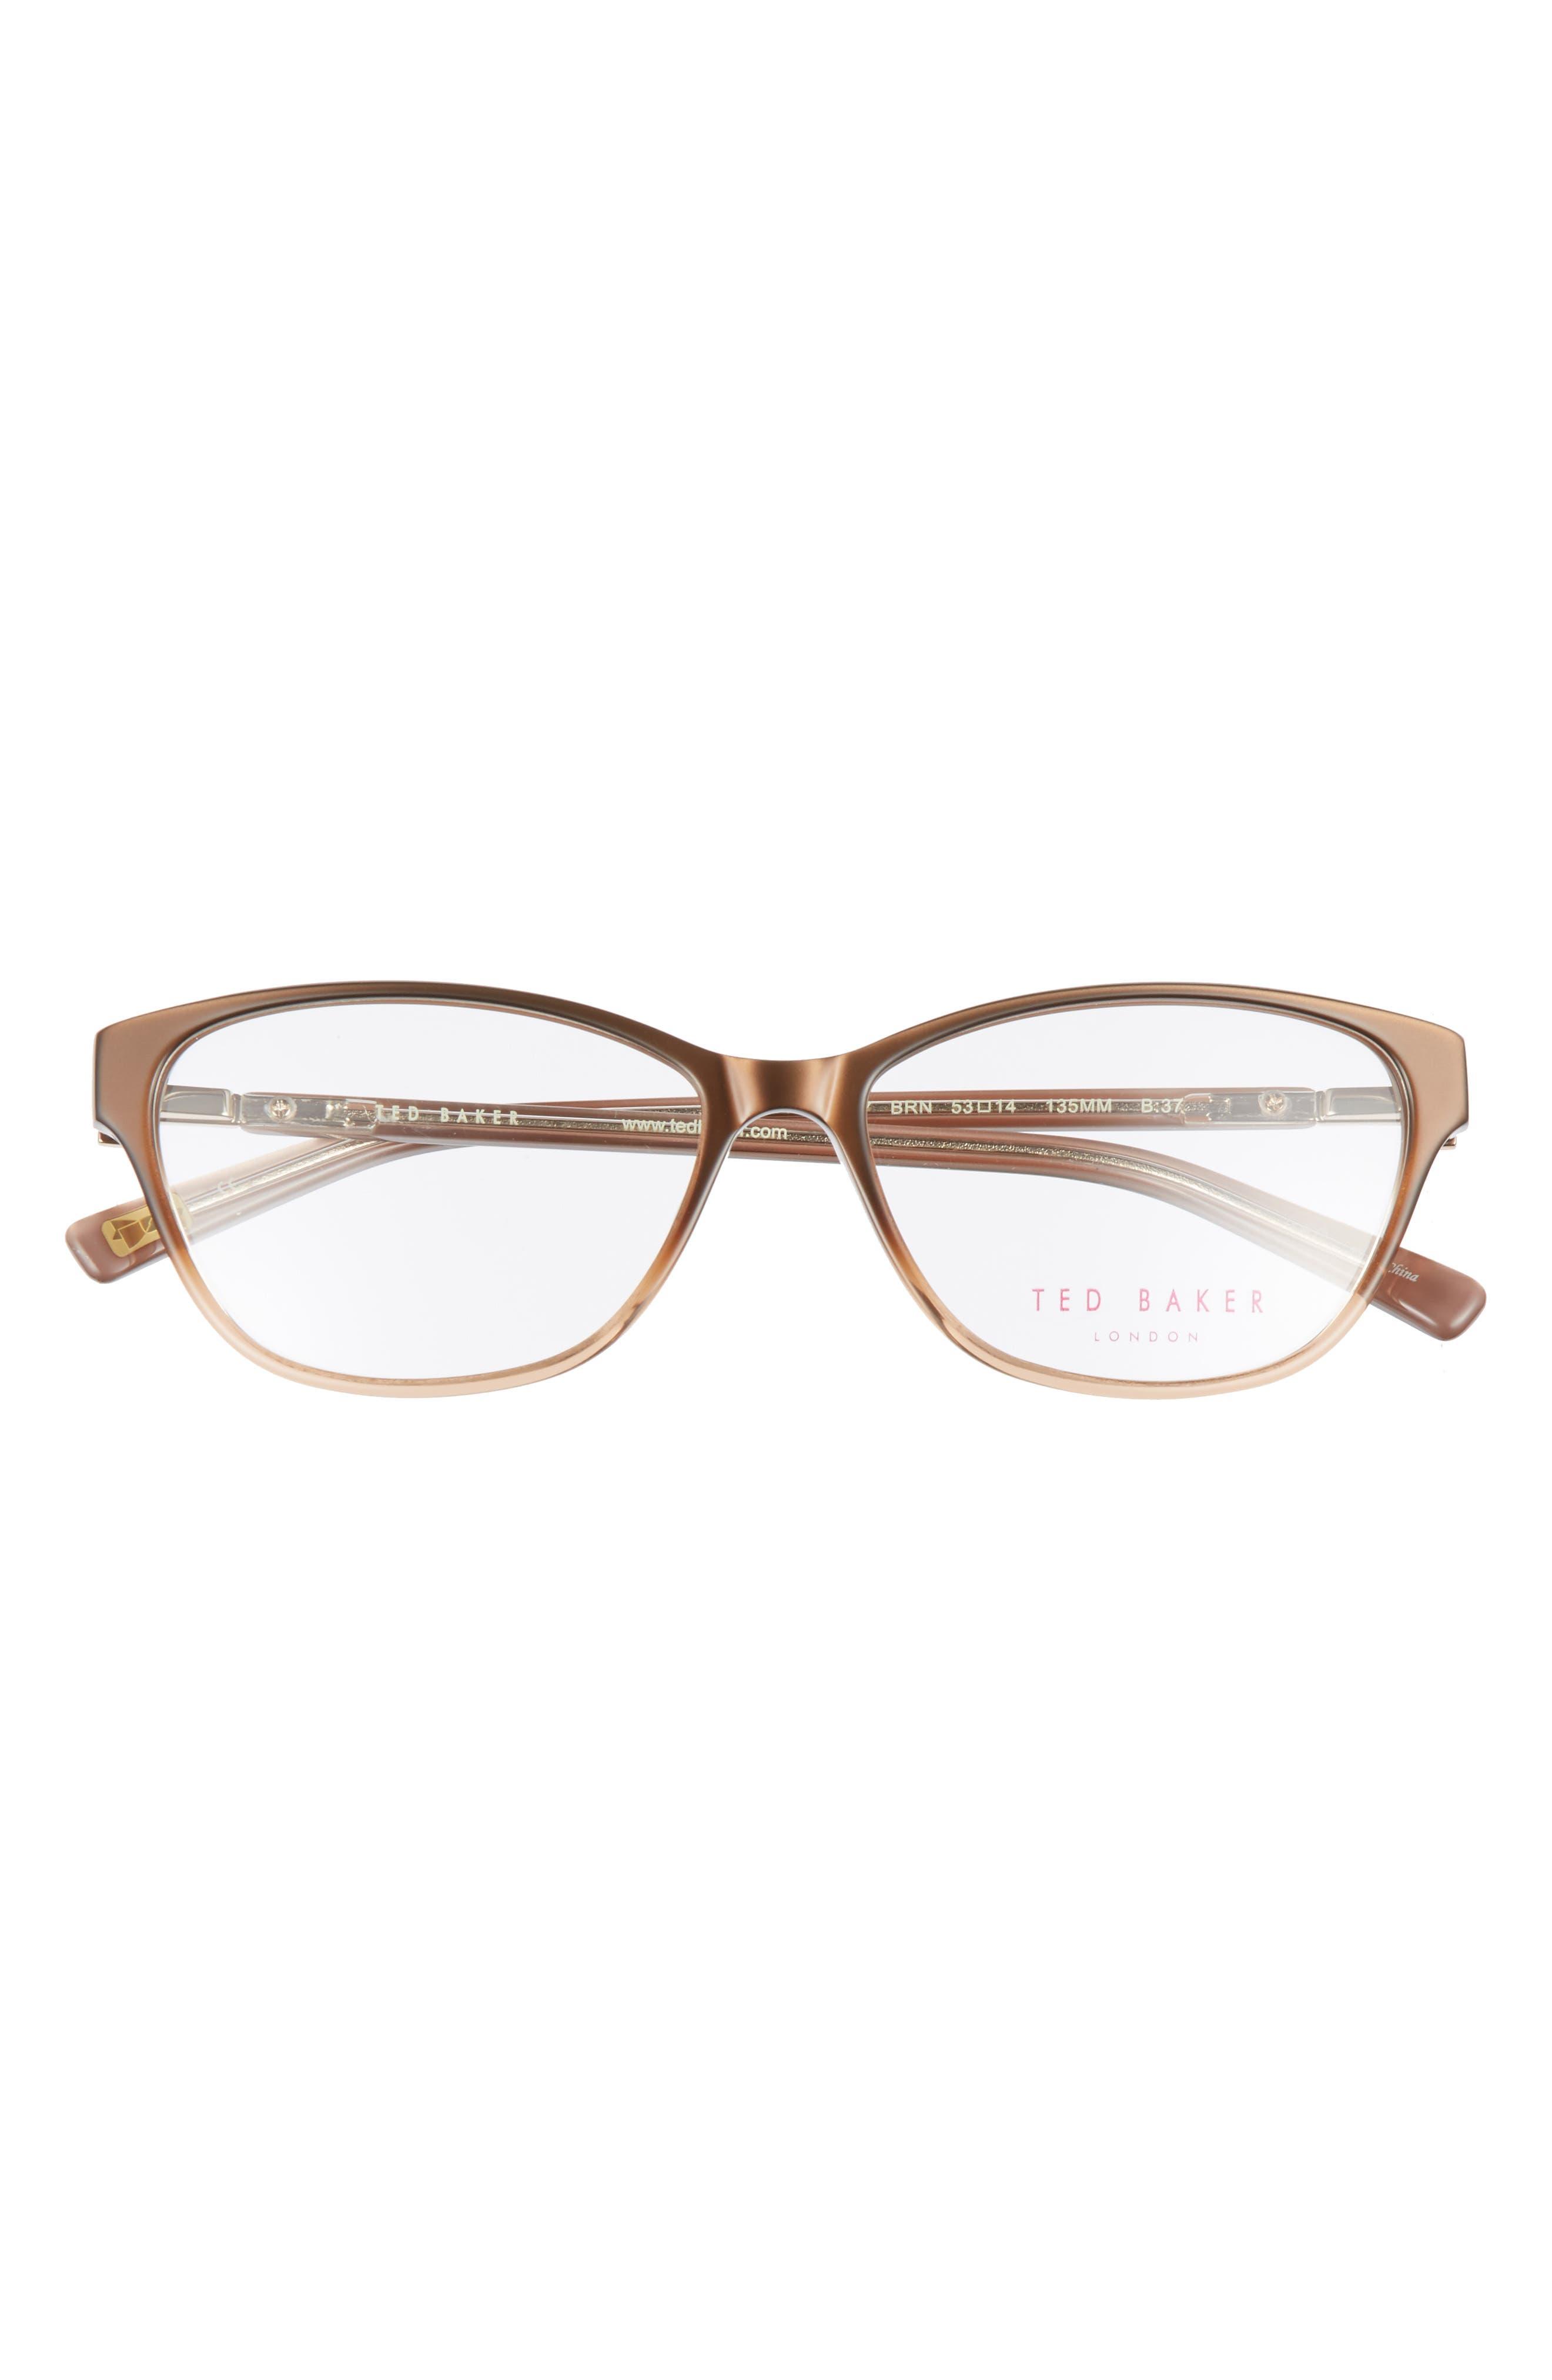 53mm Optical Cat Eye Glasses,                             Alternate thumbnail 3, color,                             200